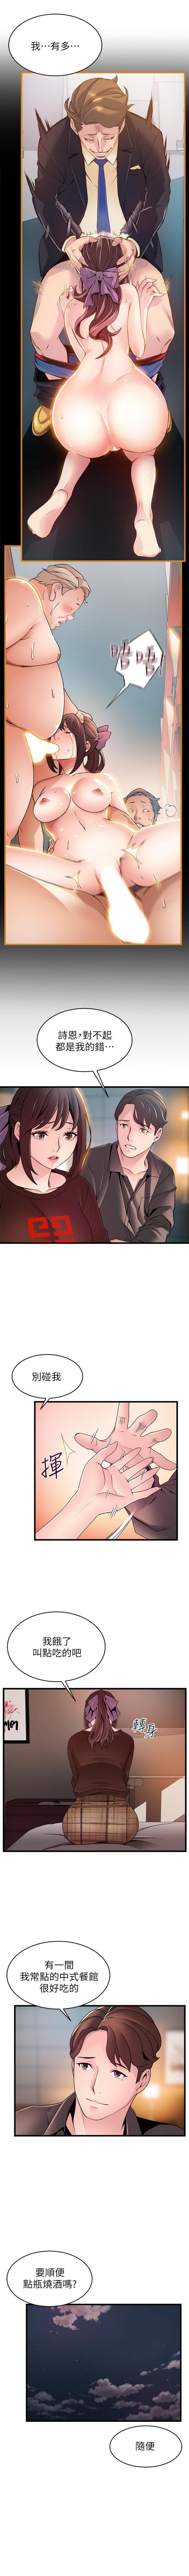 弱點 1-107 官方中文(連載中) 419